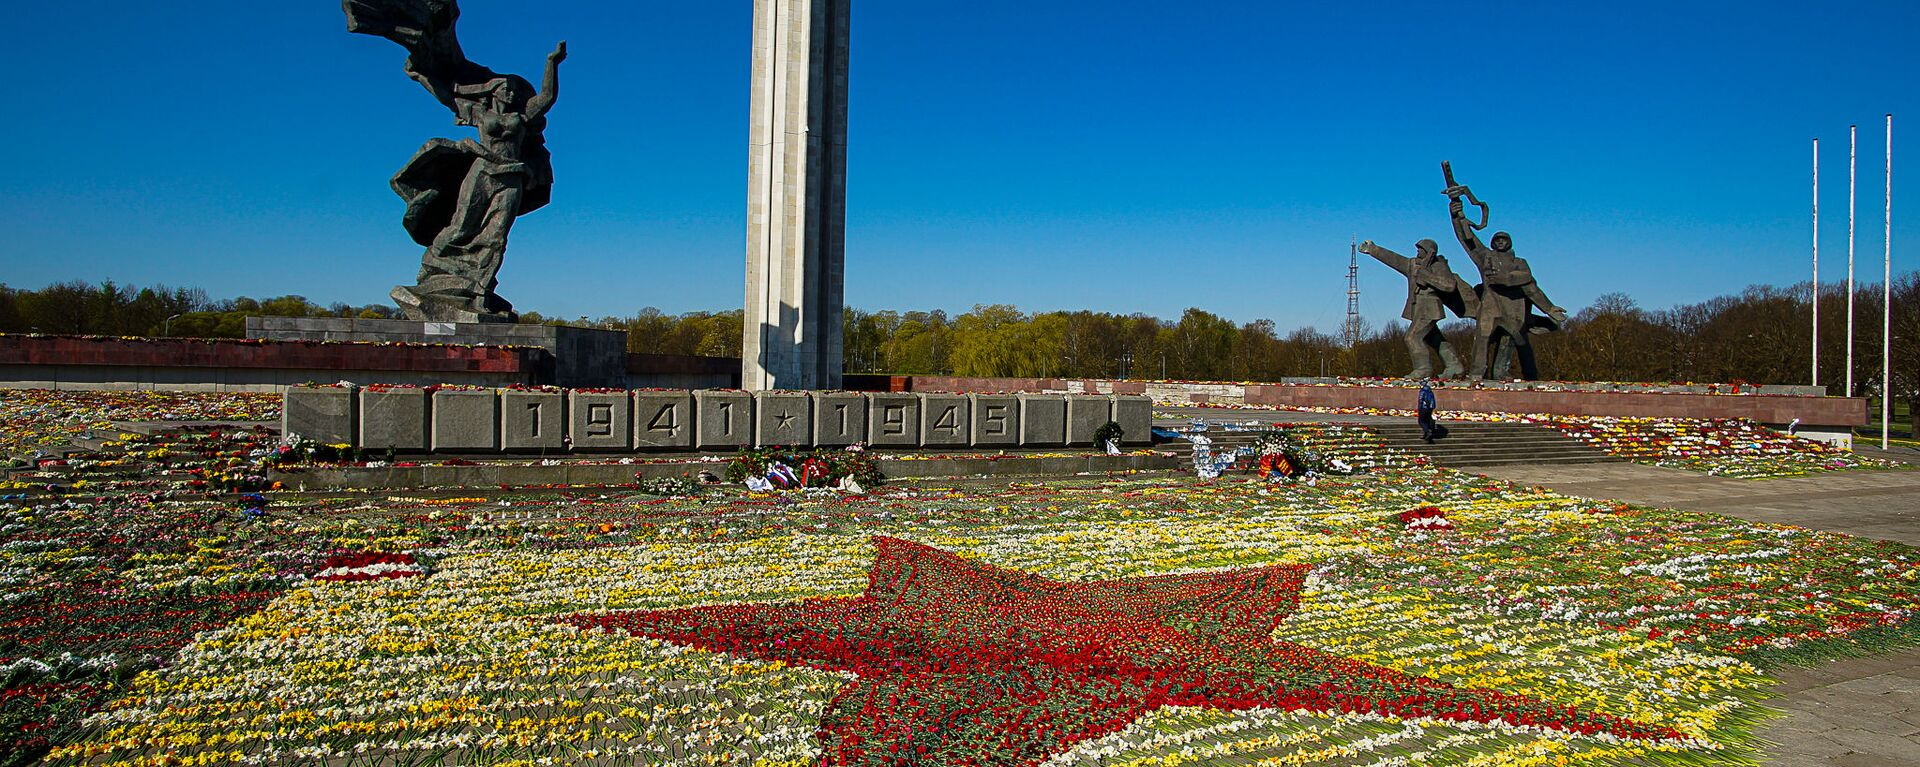 Красная звезда из цветов у памятника Освободителям Риги, выложенная волонтерами - Sputnik Latvija, 1920, 11.05.2021